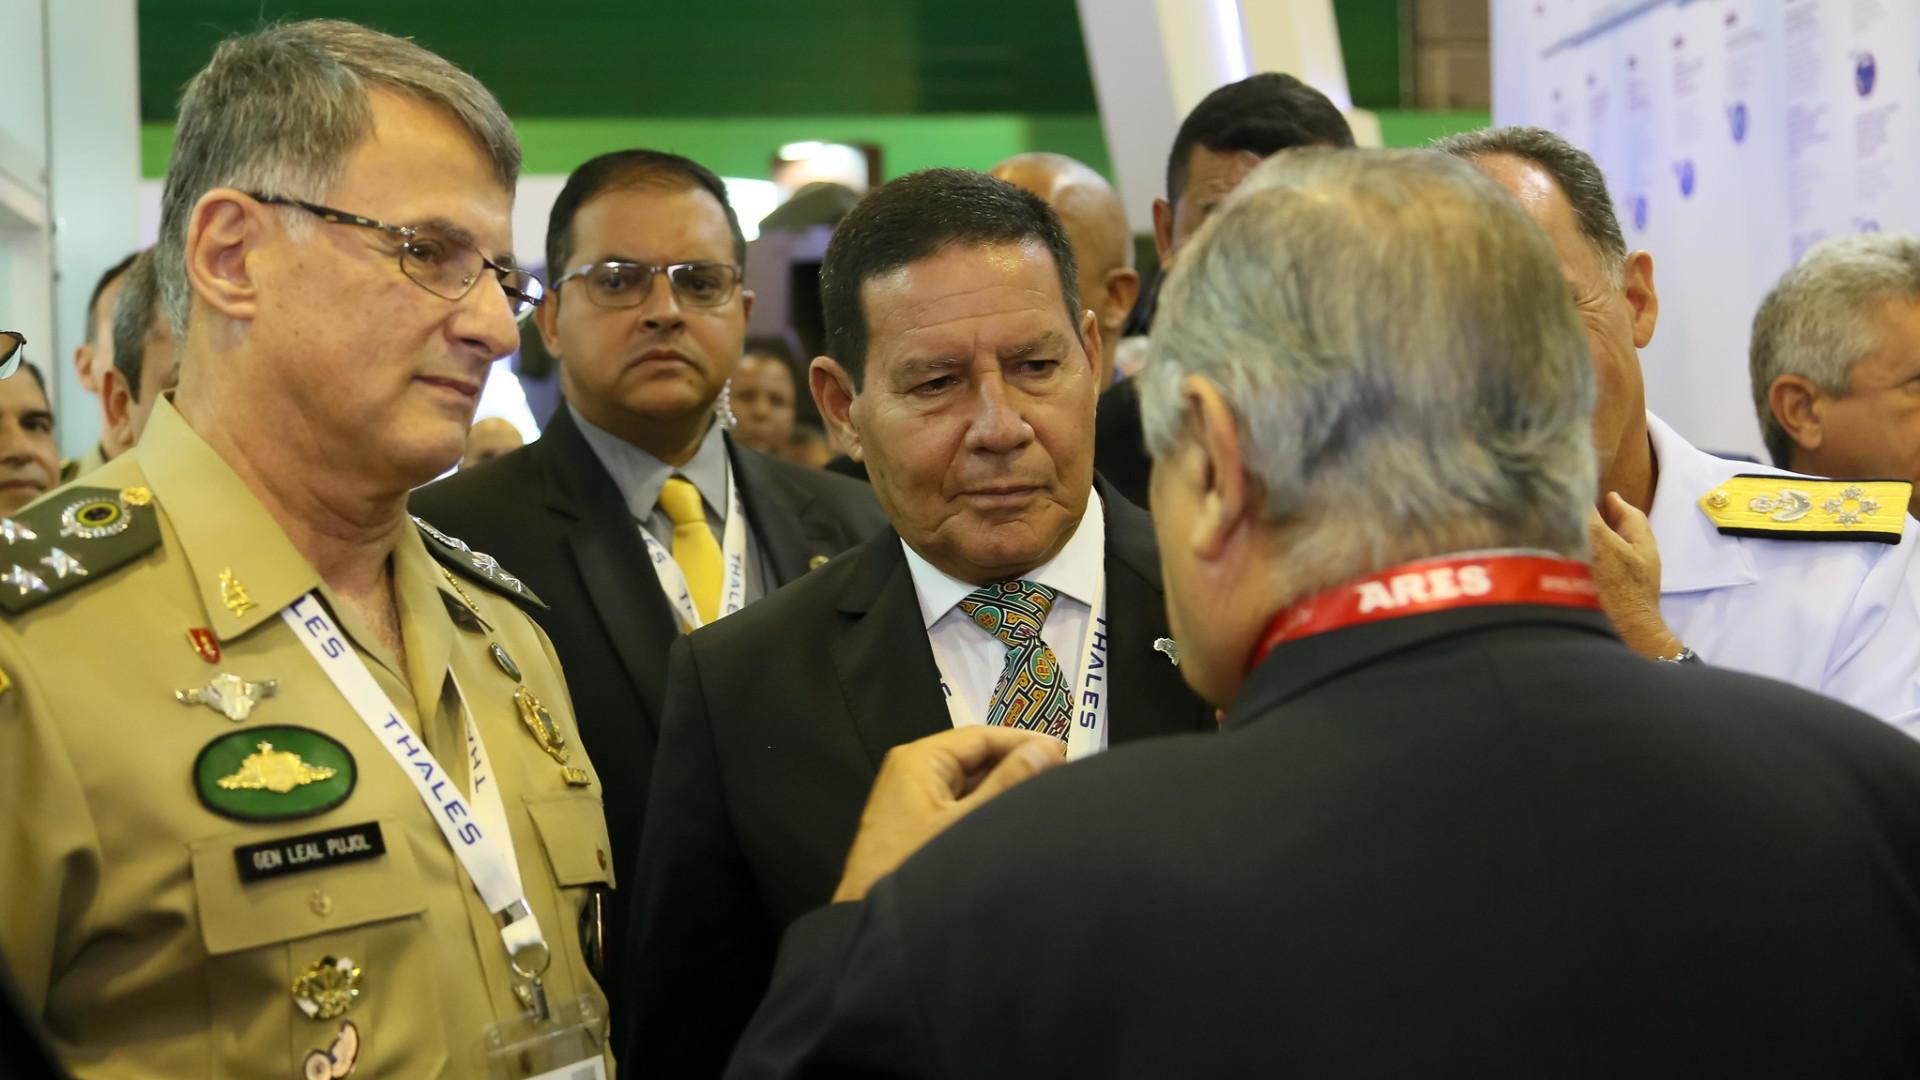 Feira retrata empolgação do setor de Defesa com governo Bolsonaro